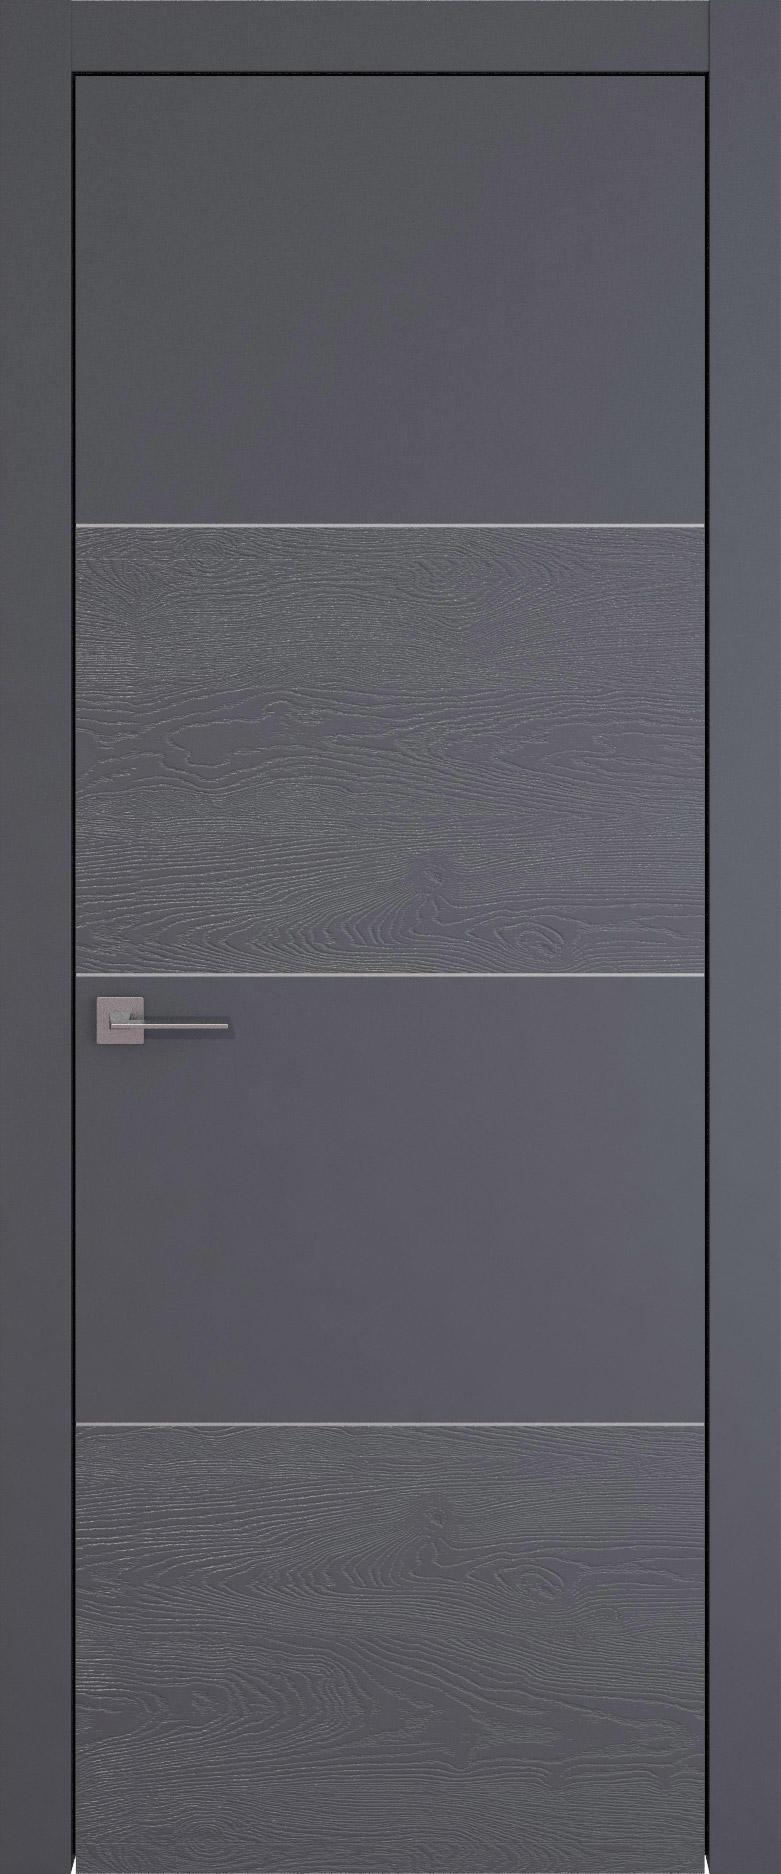 Tivoli Г-2 цвет - Графитово-серая эмаль-эмаль по шпону (RAL 7024) Без стекла (ДГ)